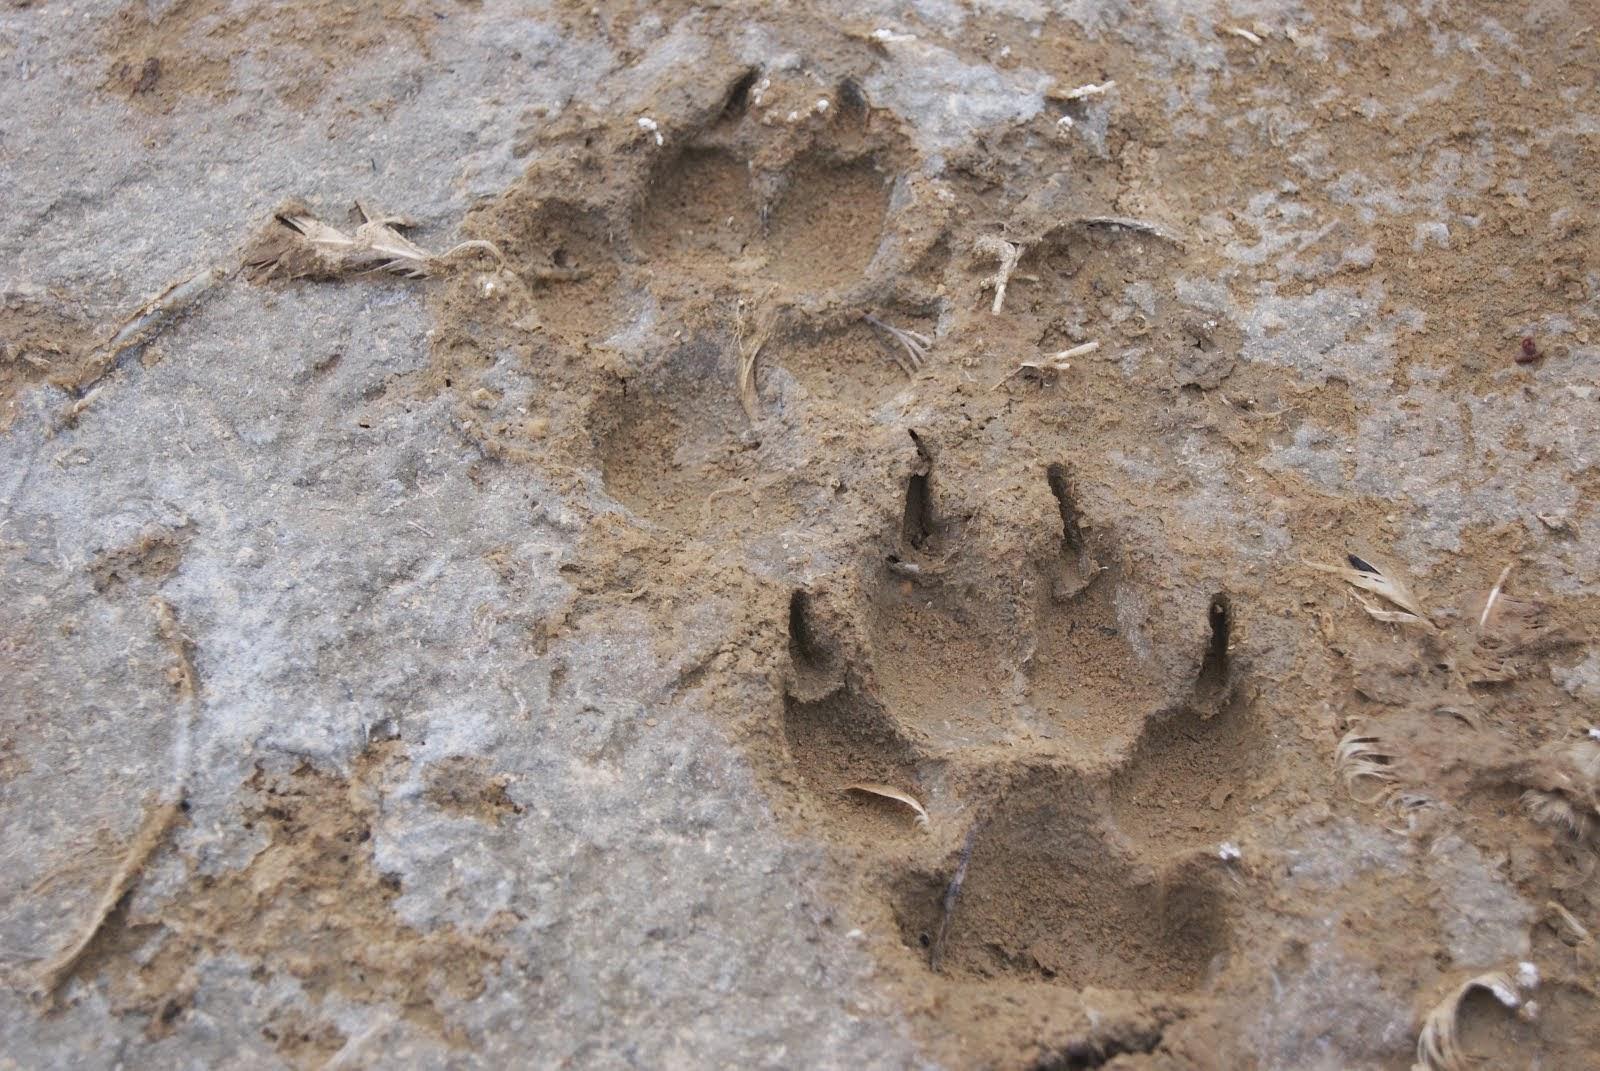 Lobos Perros Siluetas Mamíferos: El Valle De Sabero: Huellas De Mamíferos